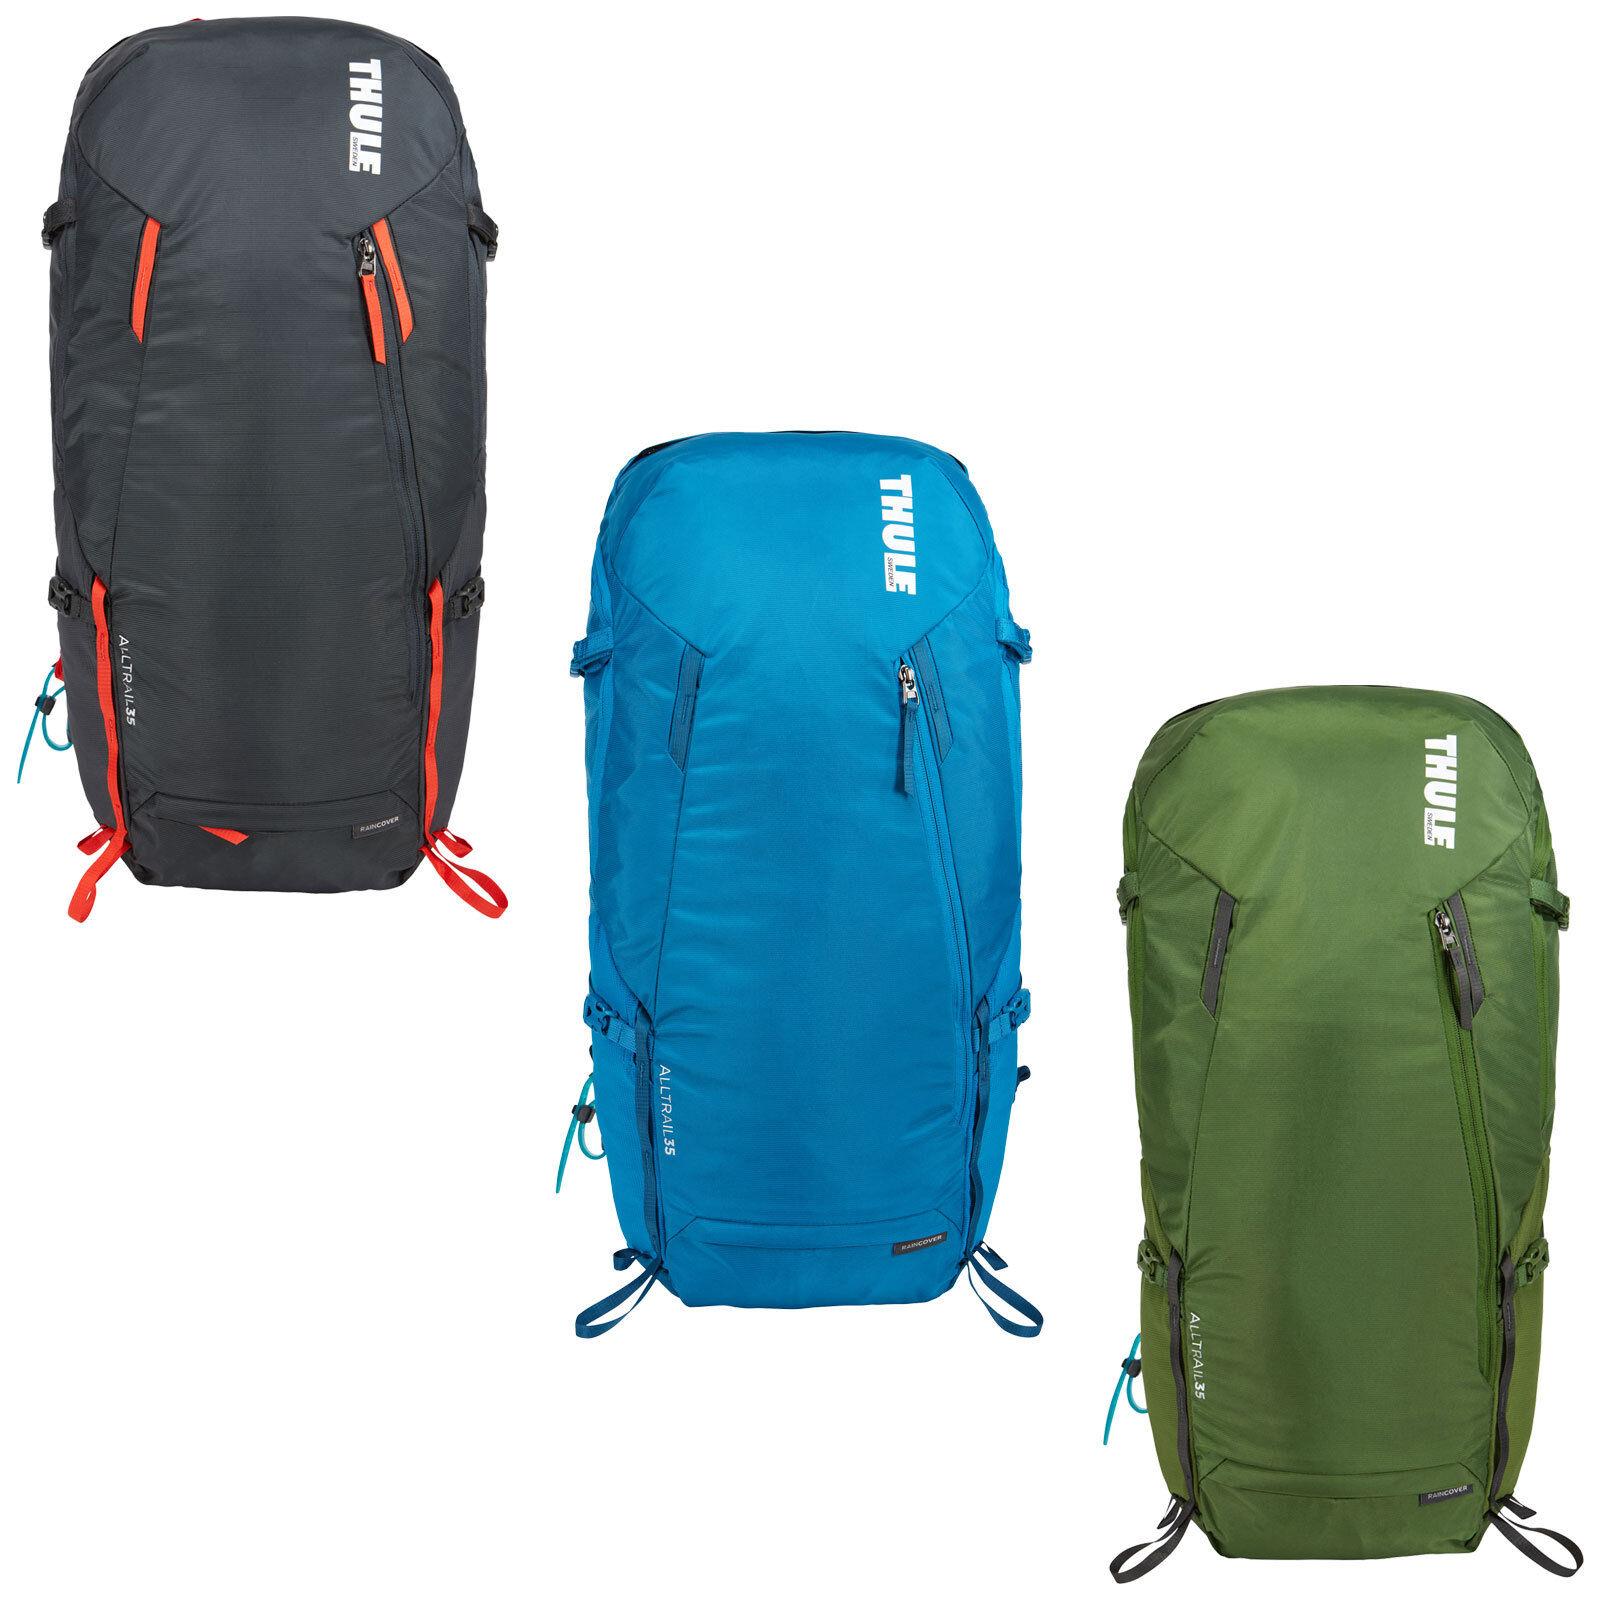 Thule Alltrail All Trail 35 Litro Mens Hiking-Rucksack Zaino da Trekking Esterno